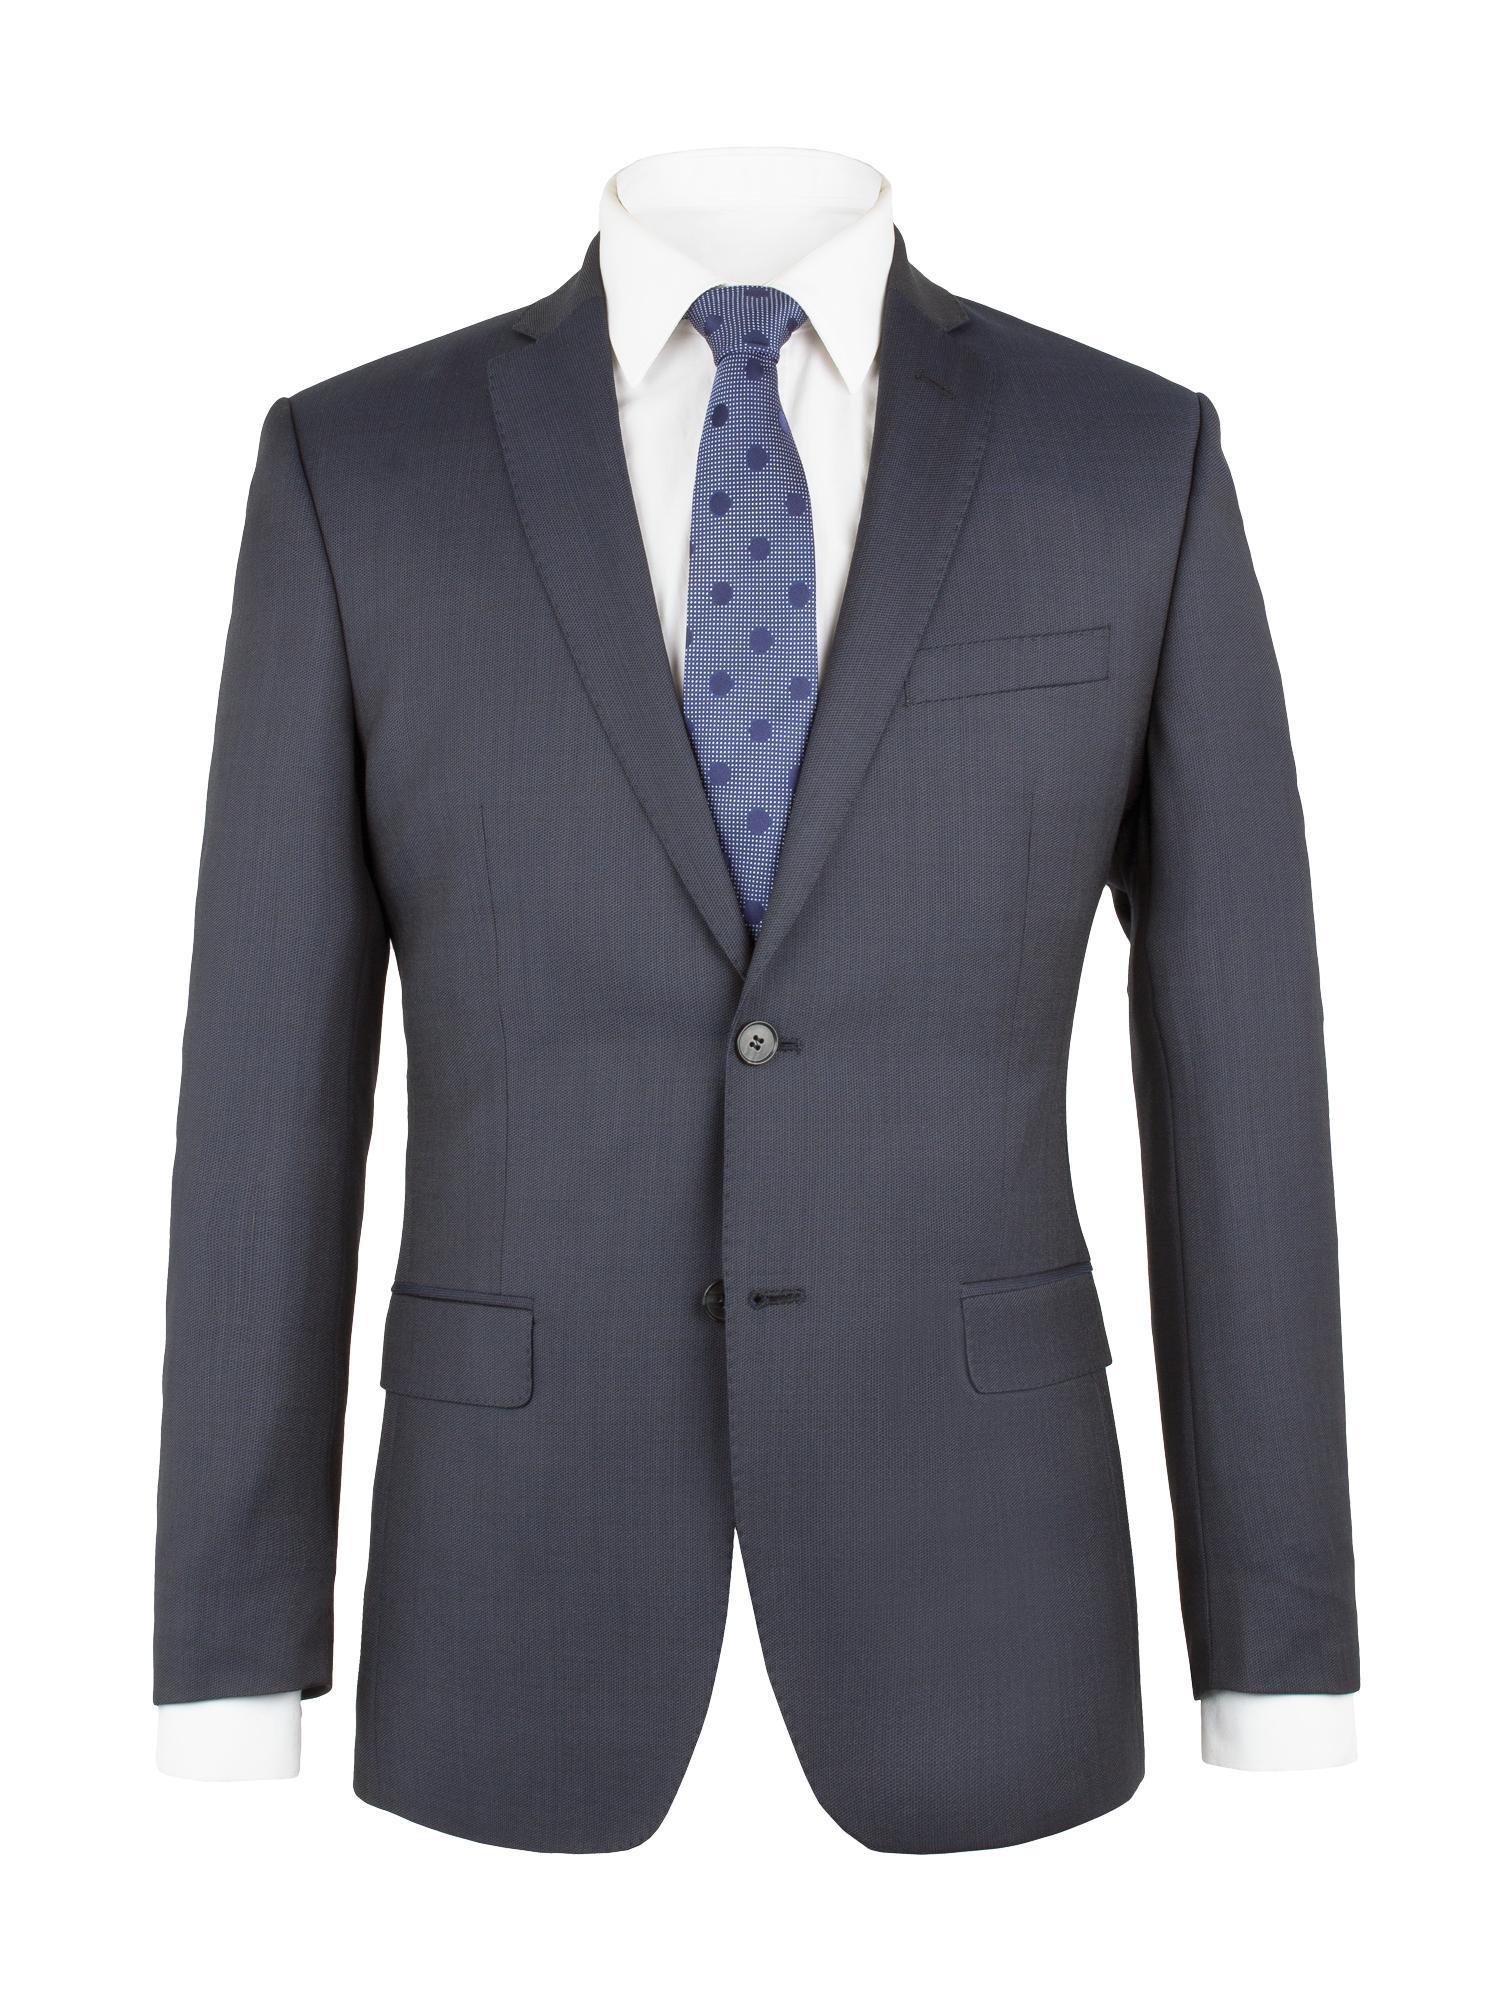 £99.50, 100% Wool, Aston & Gunn Suit @ HoF